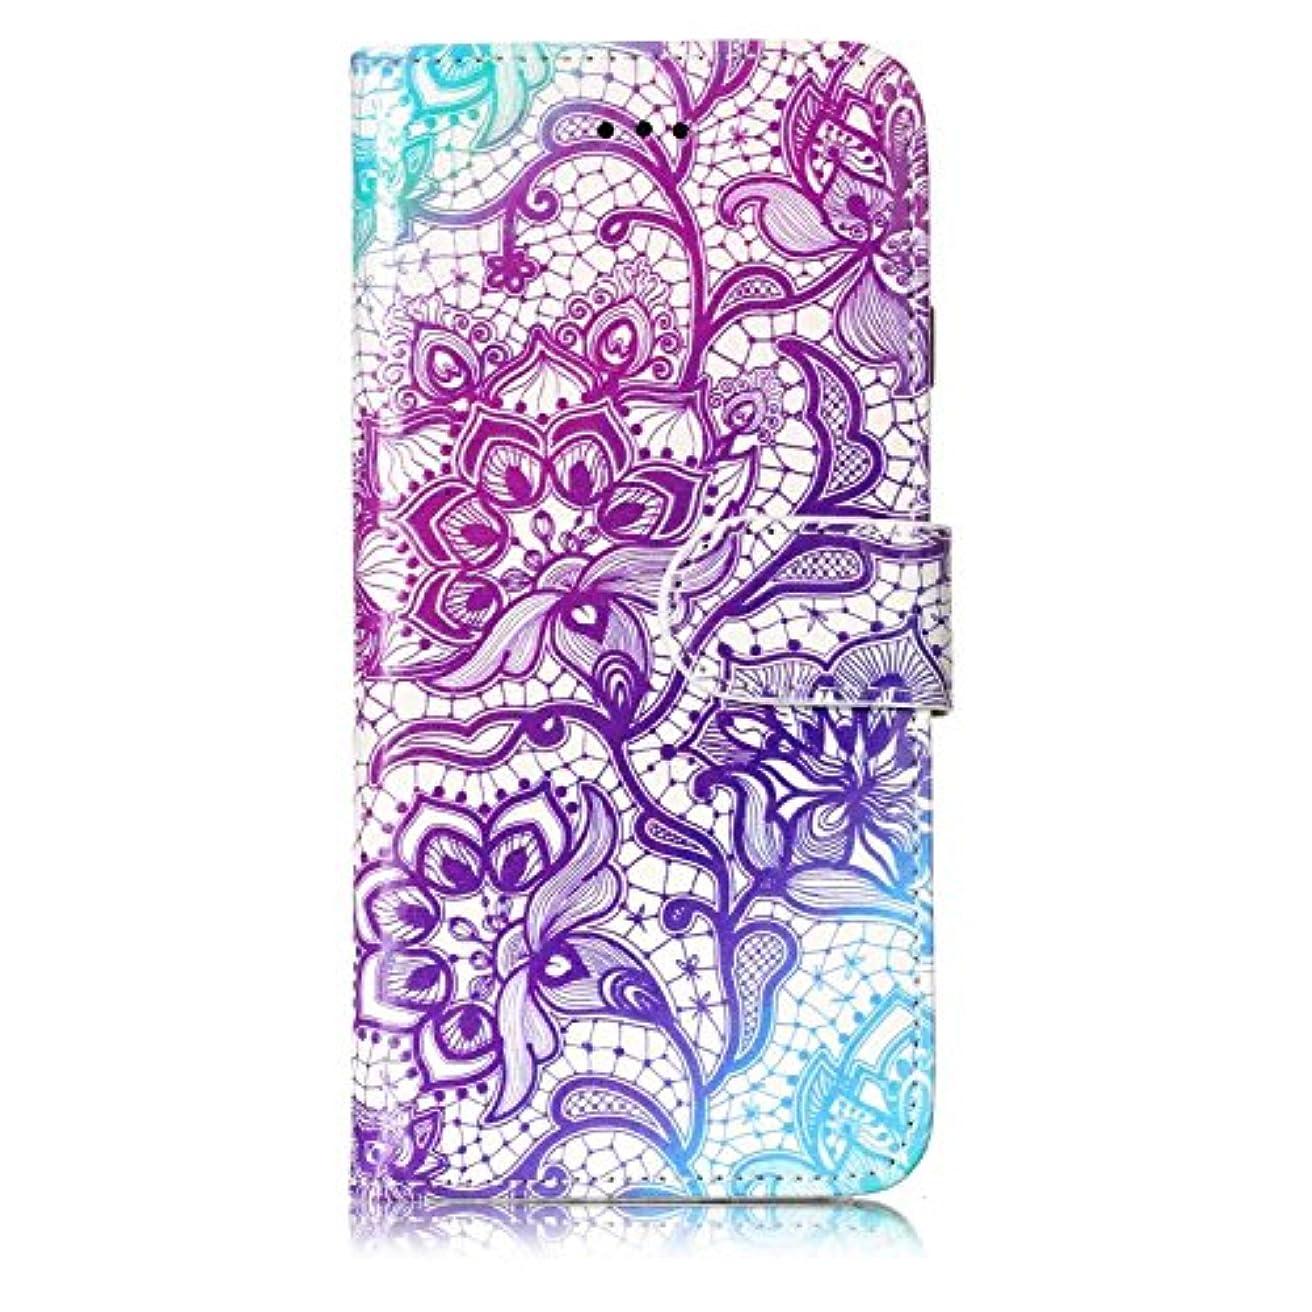 要件絶縁する息子iPhone 6 / iPhone 6s ケース, OMATENTI 人気度 花柄 PU レザー 財布型 カバー ケース, カード収納 おしゃれ 高級感 手帳型ケース 衝撃吸収 落下防止 防塵 マグネット開閉式 プロテクター iPhone 6 / iPhone 6s 対応, 紫の